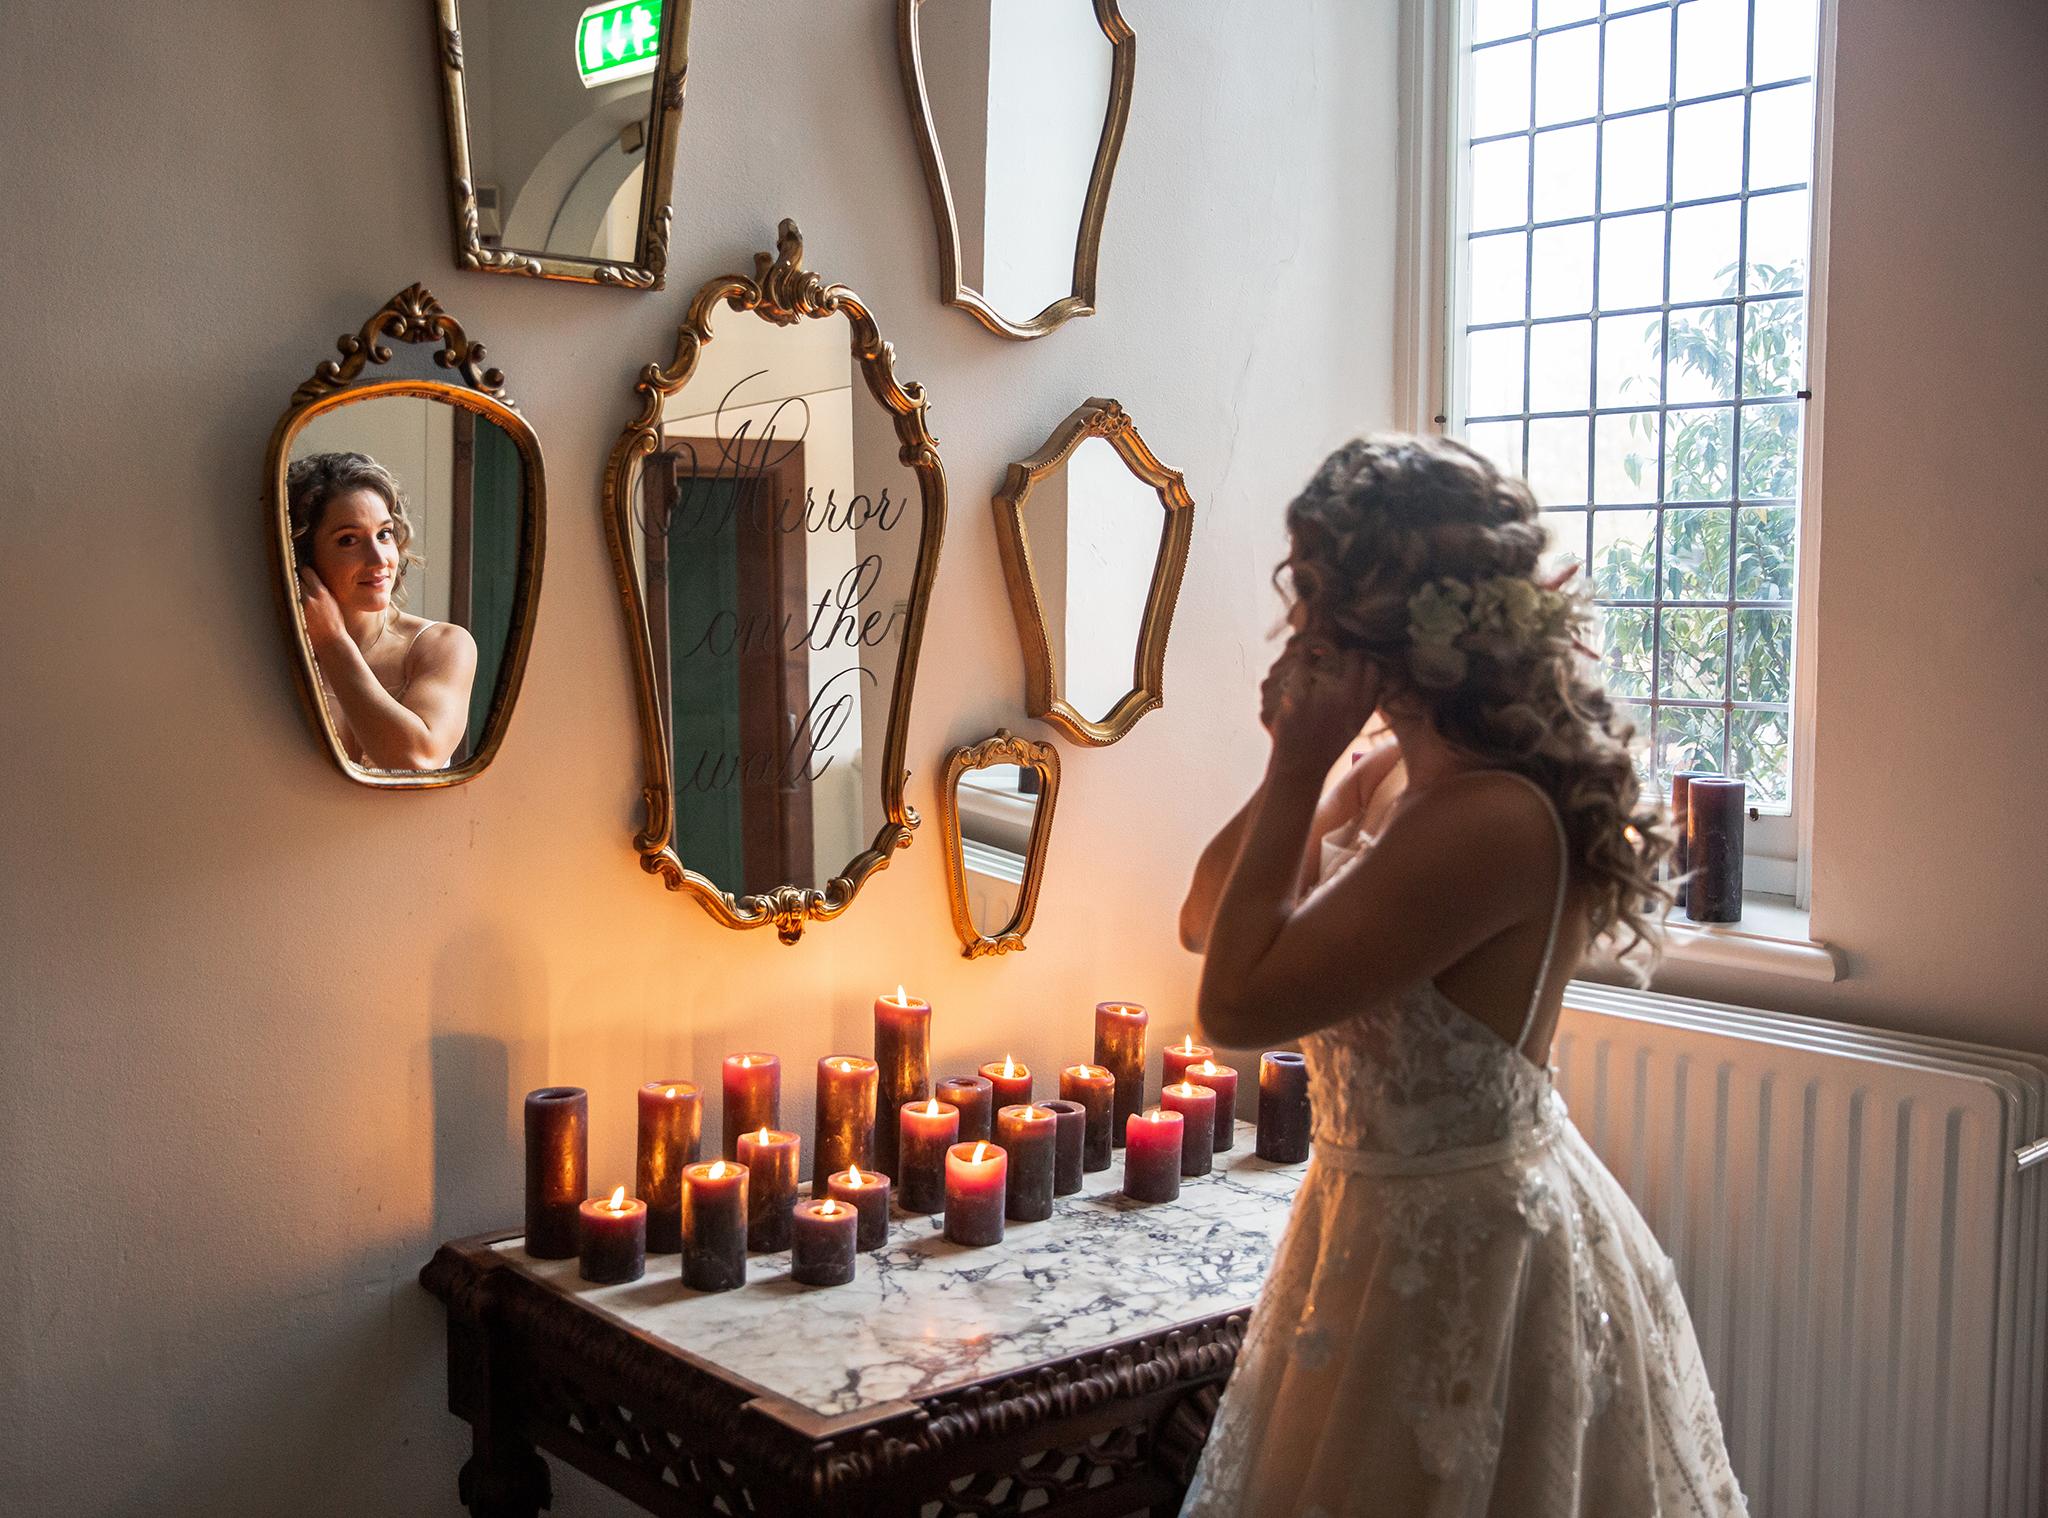 Bruidsfotograaf trouwfotograaf kim vos fotografie nuenen trouwen bruiloft love